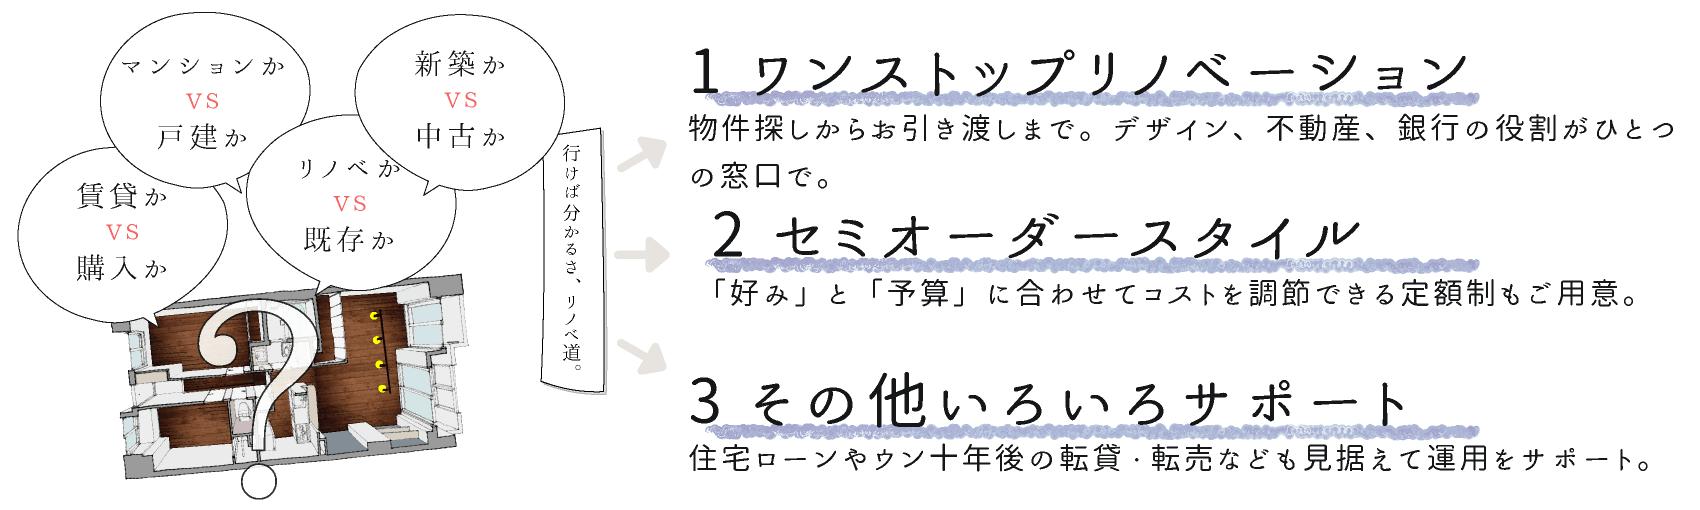 Cuestudioだからできること3つ 1.ワンストップリノベーション 2.セミオーダースタイル 3.その他いろいろサポート